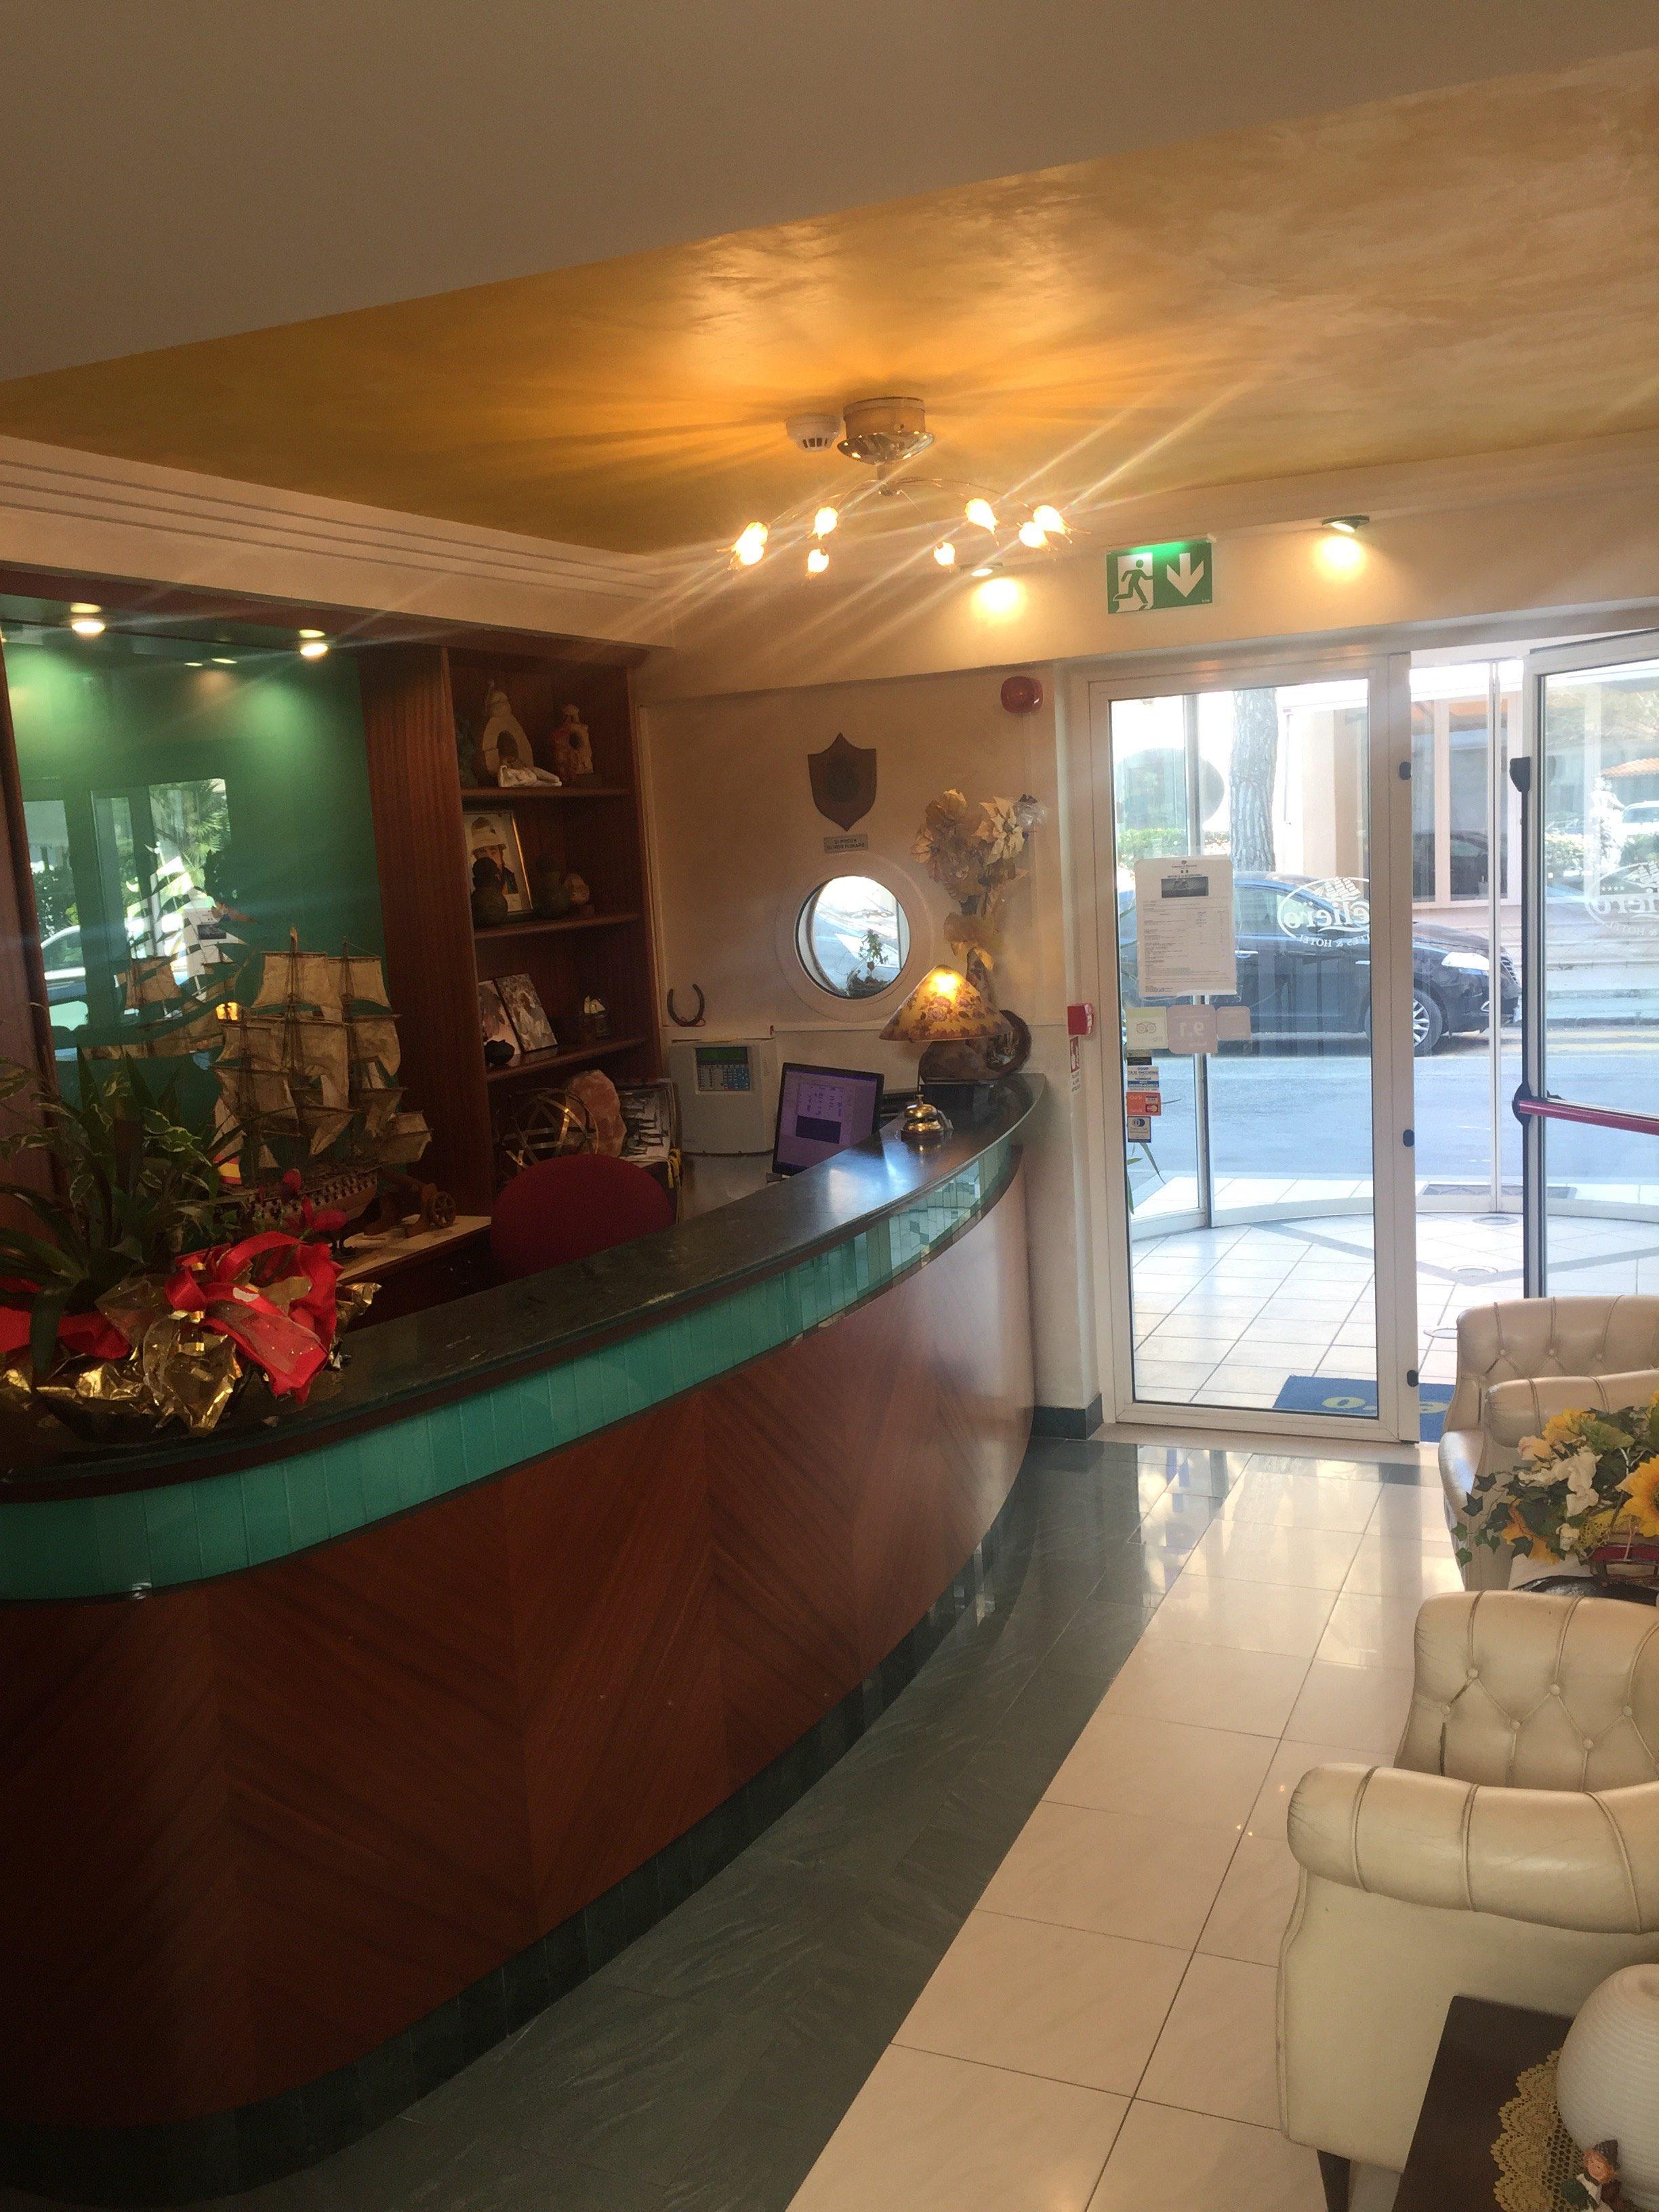 reception aperta 24 ore nel nostro residence a Riccione